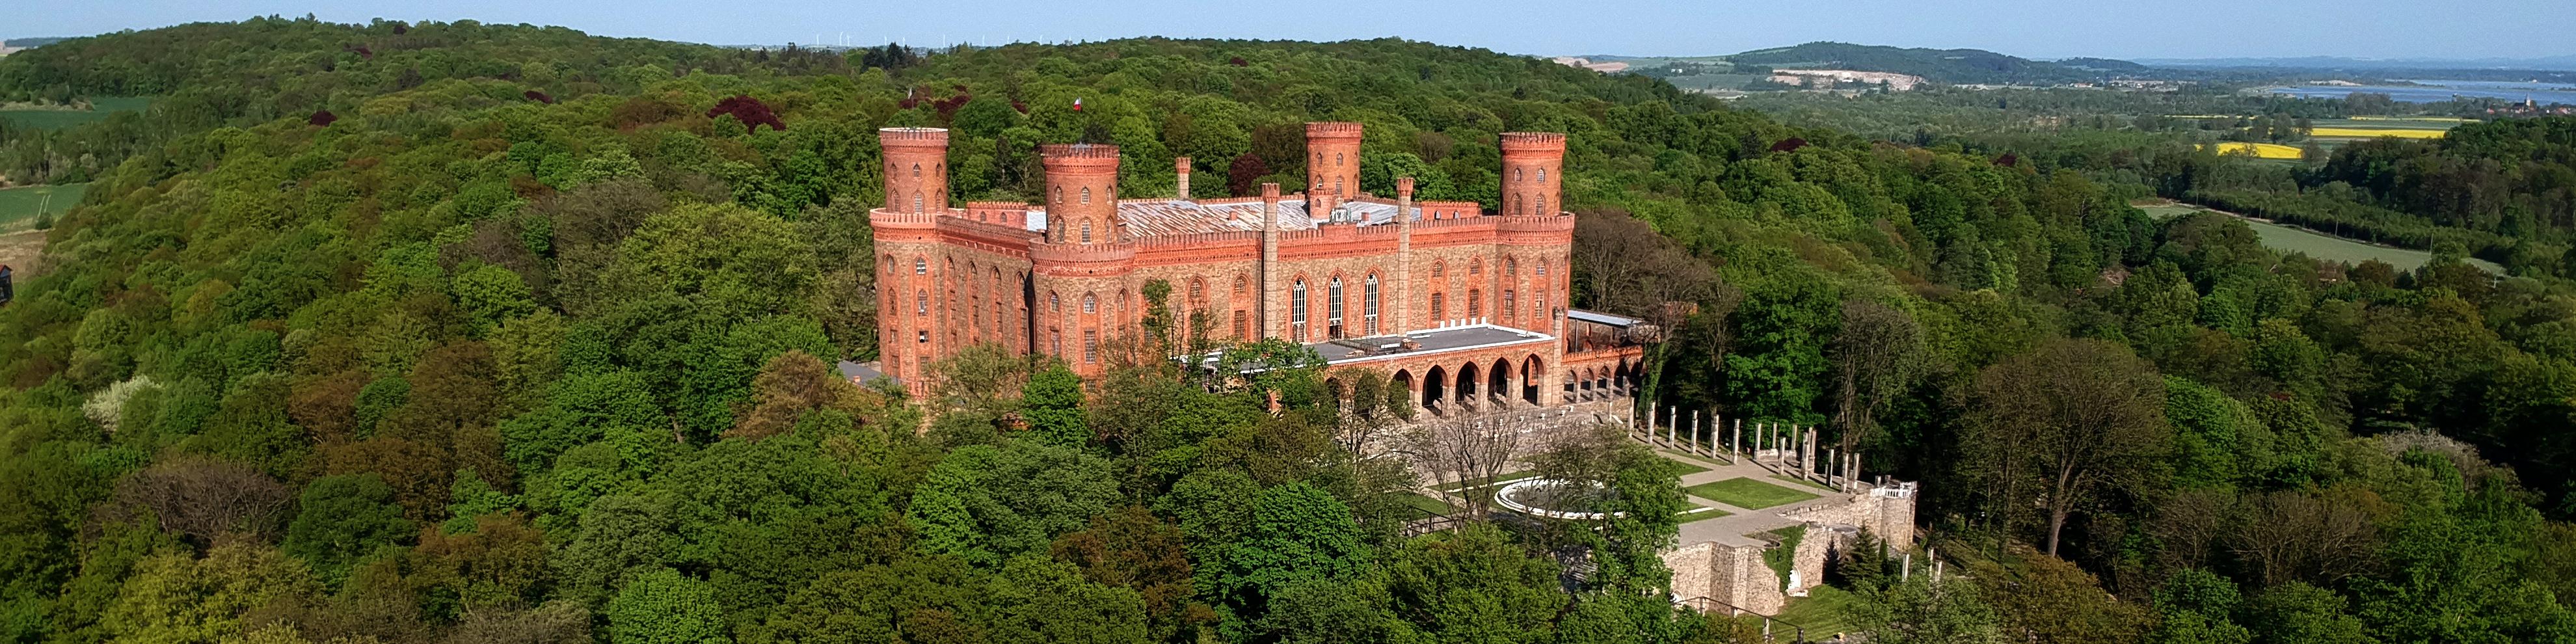 Kamieniec Ząbkowicki – pałac Marianny Orańskiej